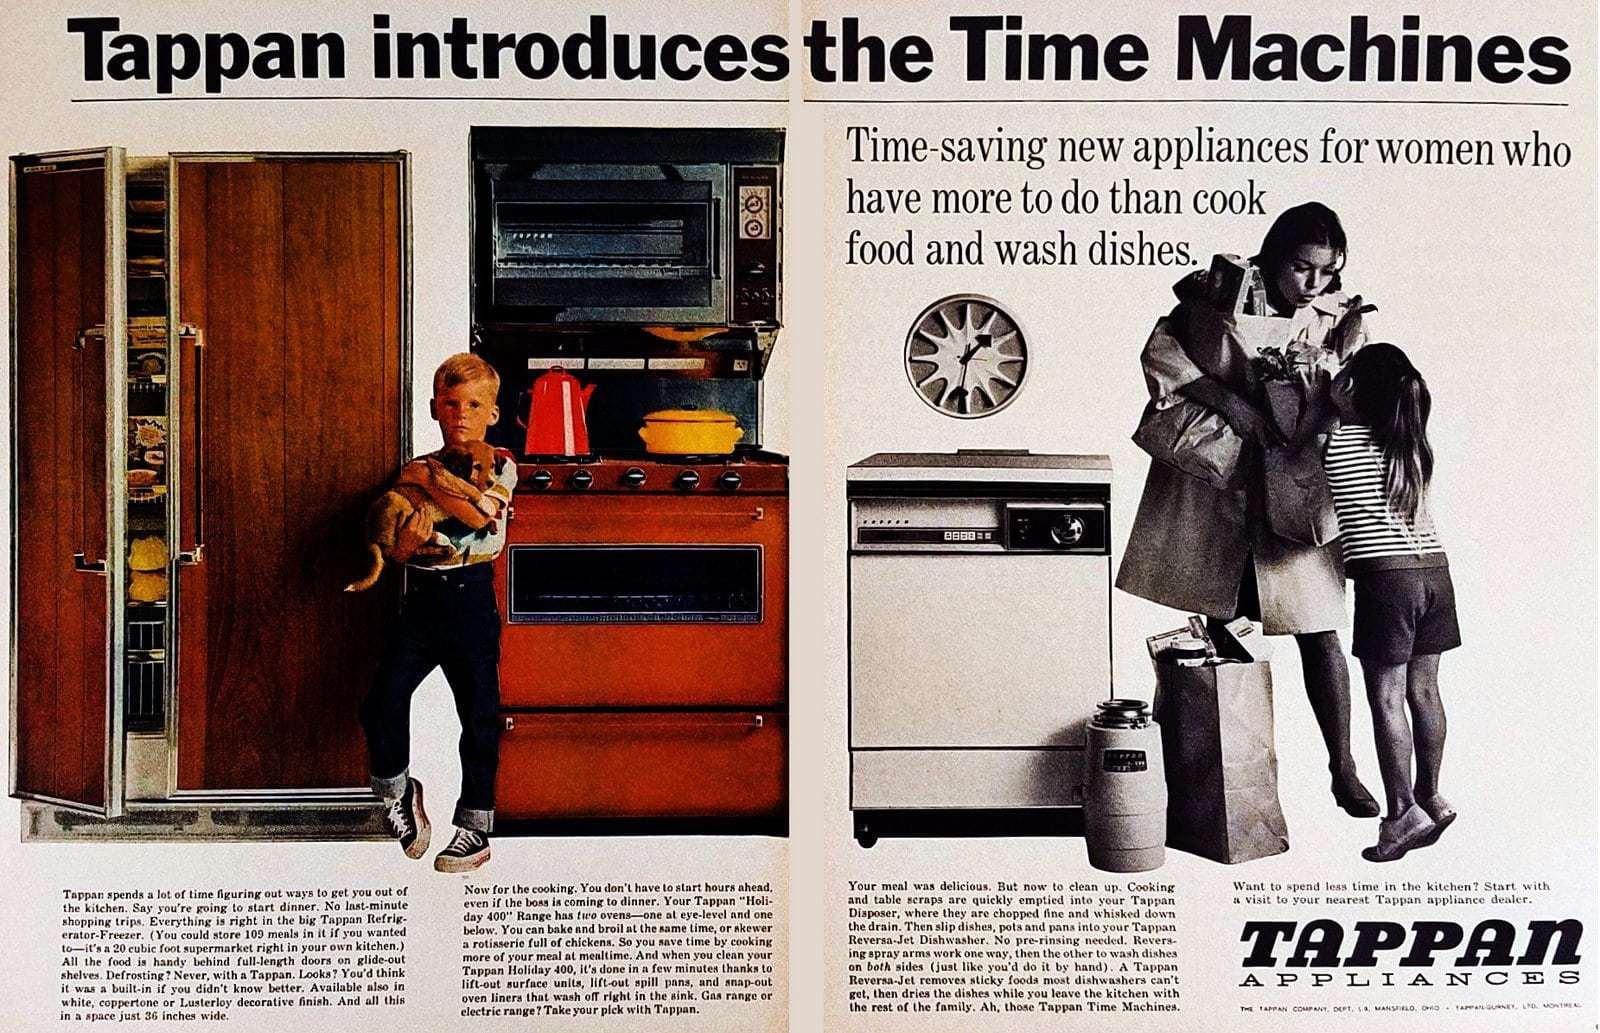 1965 Tappan Time Machines - Kitchen appliances